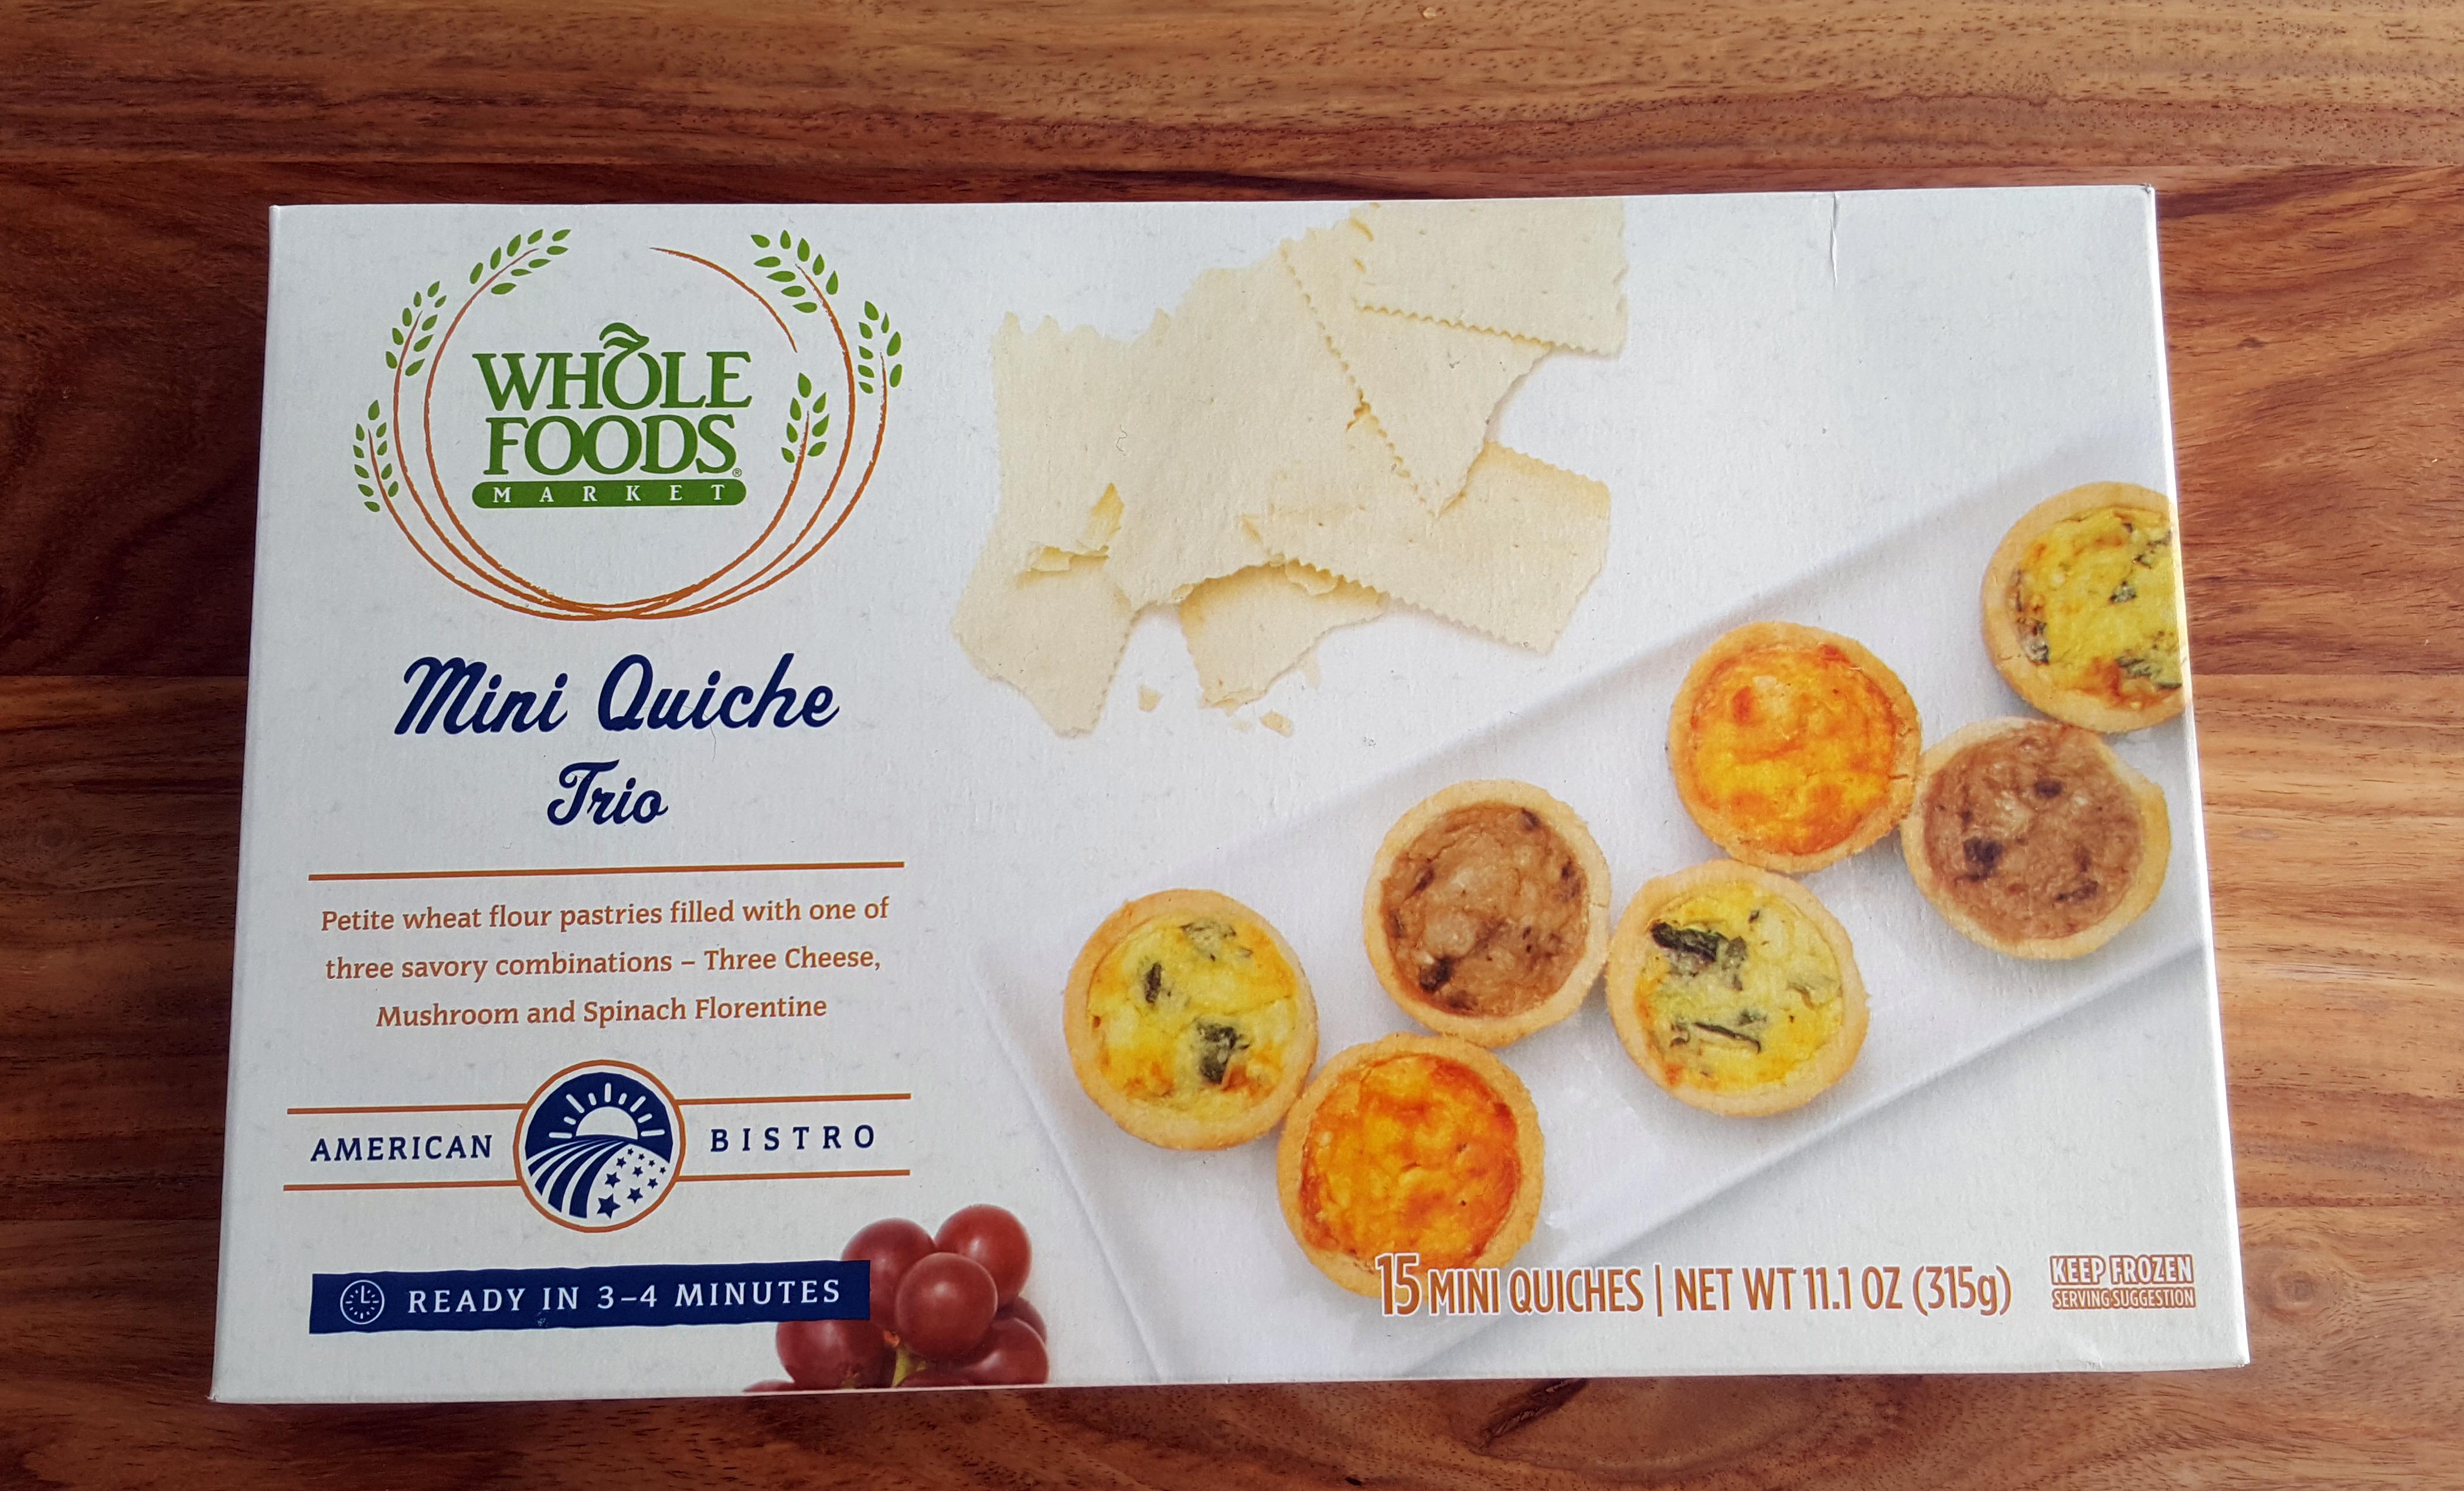 Whole Foods Mini Quiche Trio